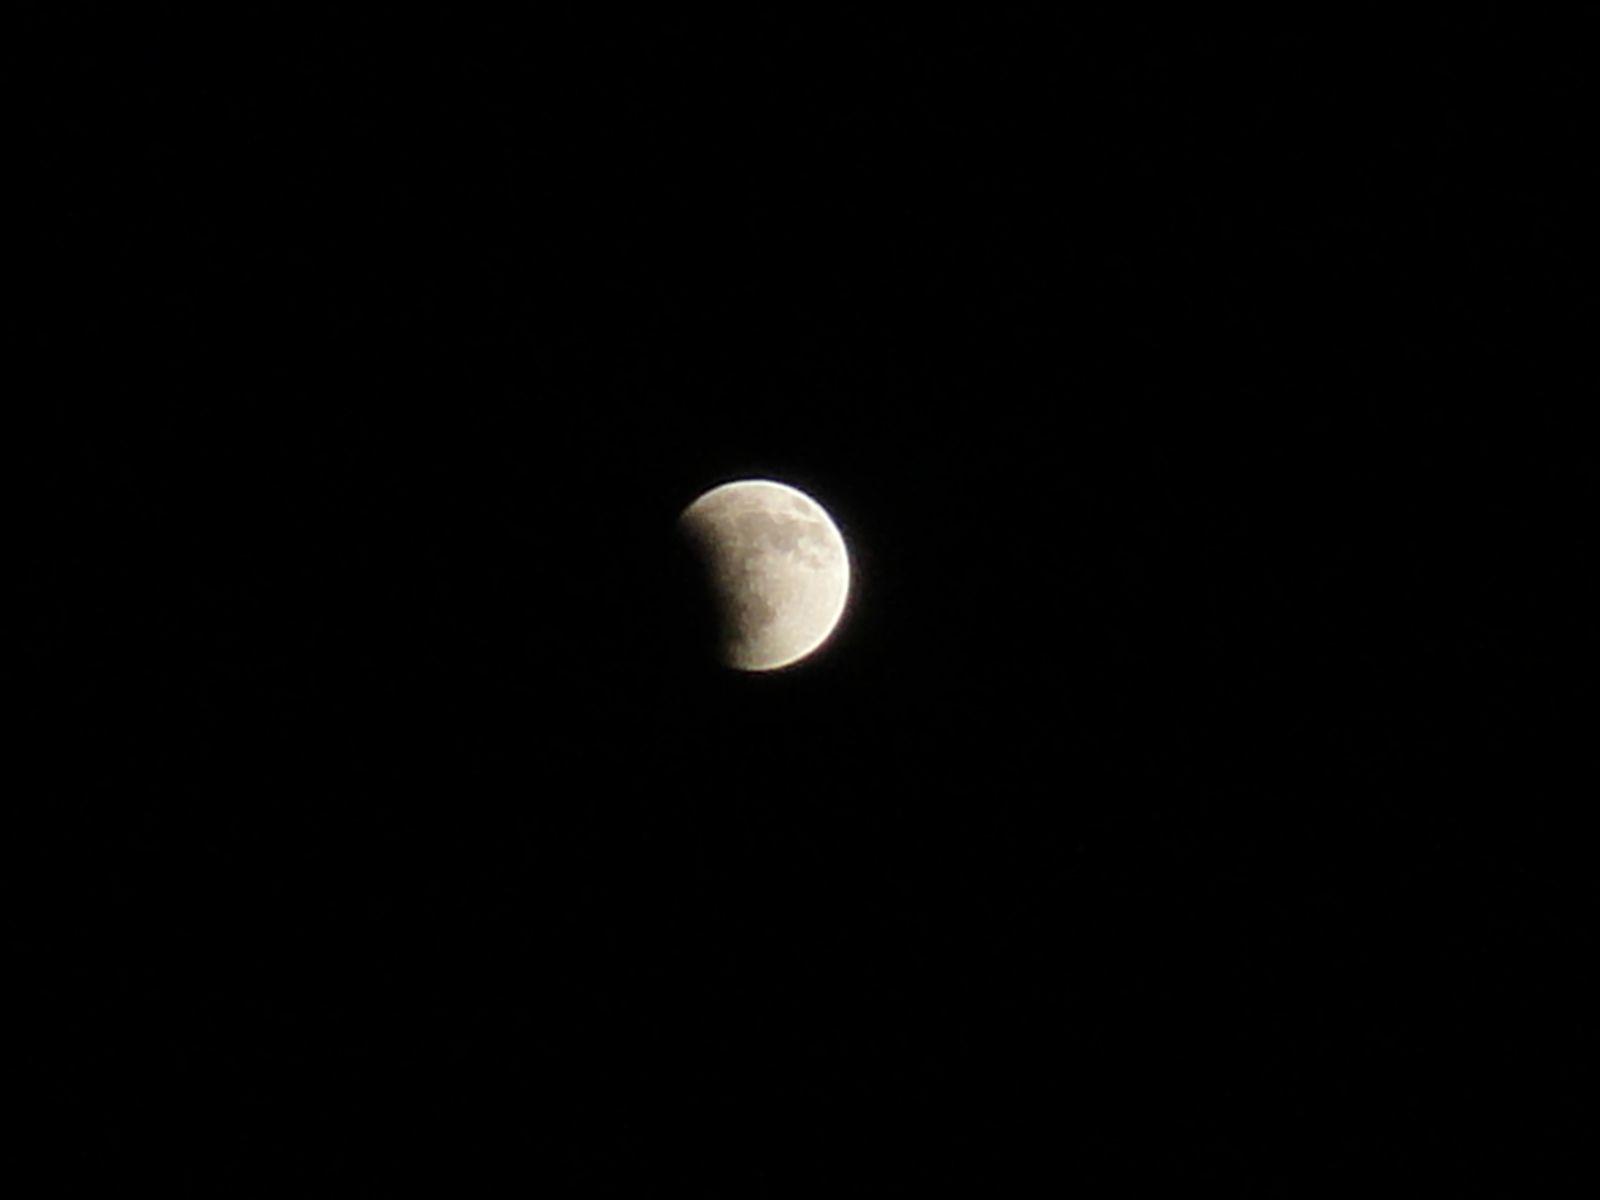 lunar_eclipse_023.jpg